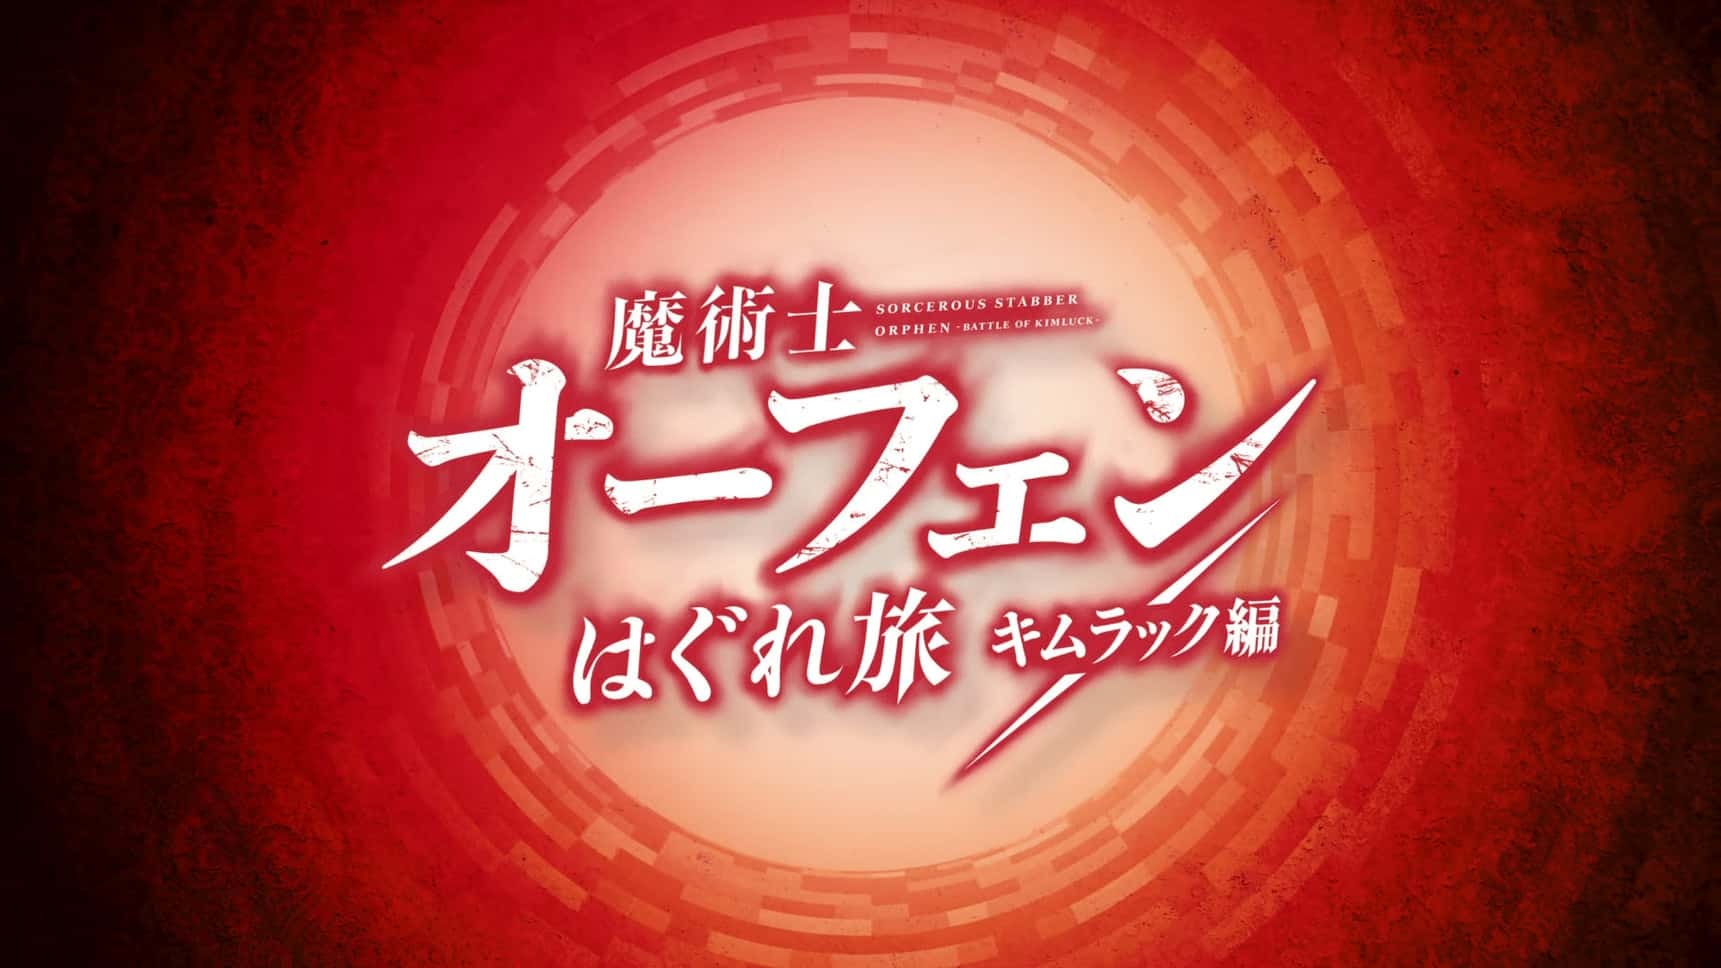 Sorcerous Stabber Orphen Season 2 Release Date